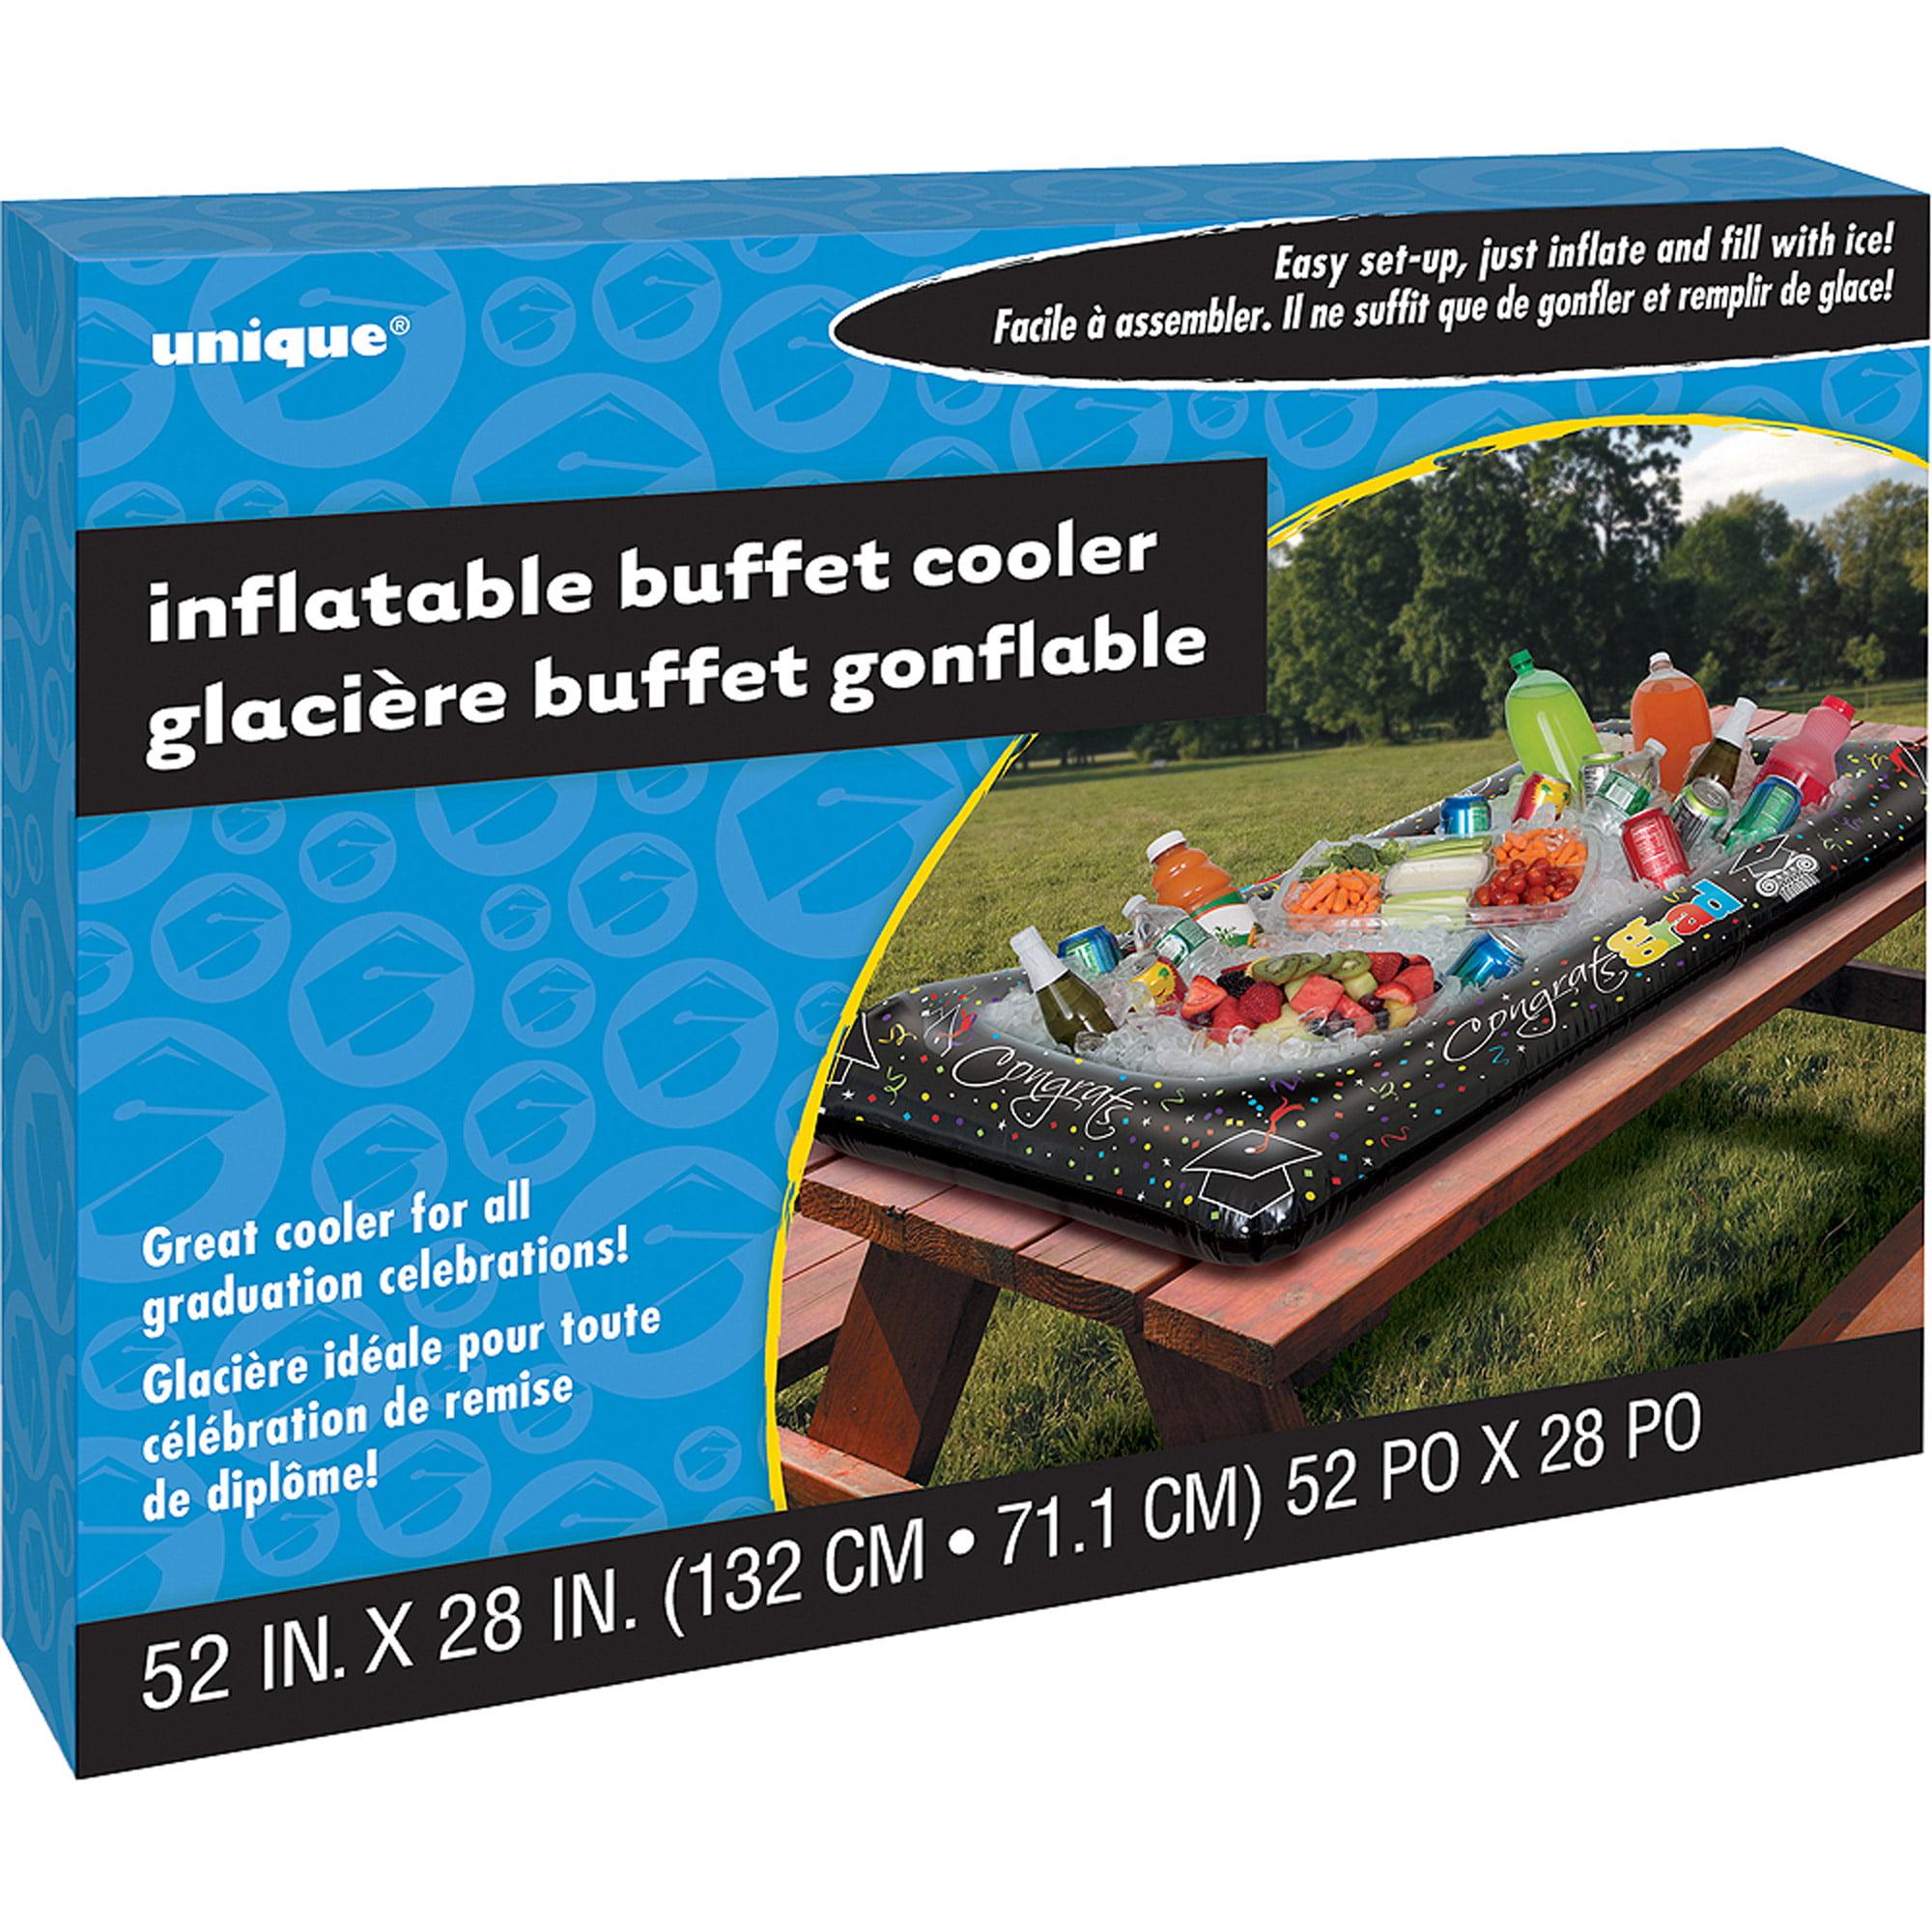 Graduation Inflatable Buffet Cooler